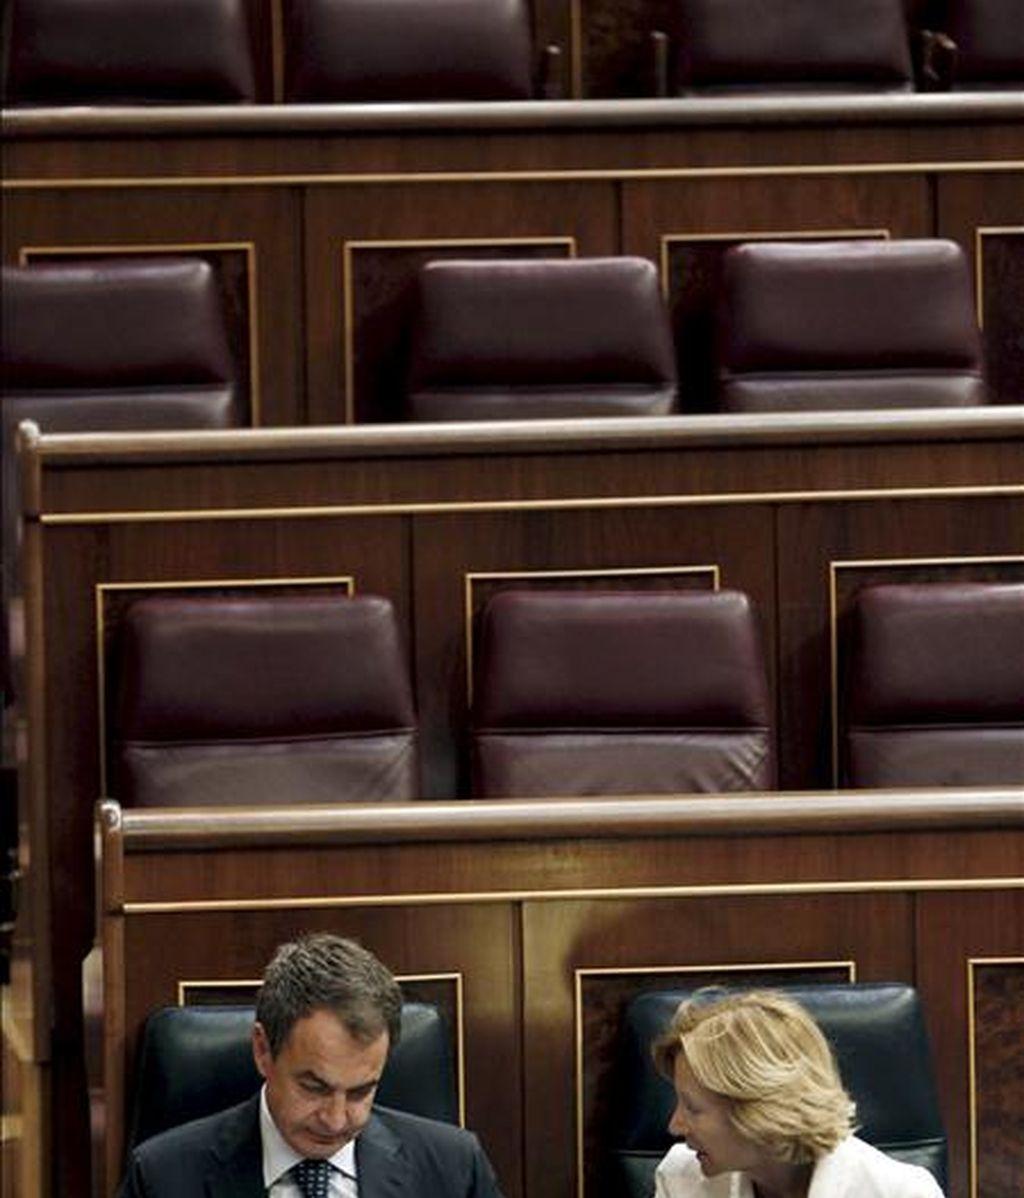 El presidente del Gobierno, José Luis Rodríguez Zapatero, escucha a la vicepresidenta segunda, Elena Salgado, durante el pleno del Congreso de los Diputados que hoy debate y vota las enmiendas a la totalidad del proyecto de Ley de Economía Sostenible. EFE